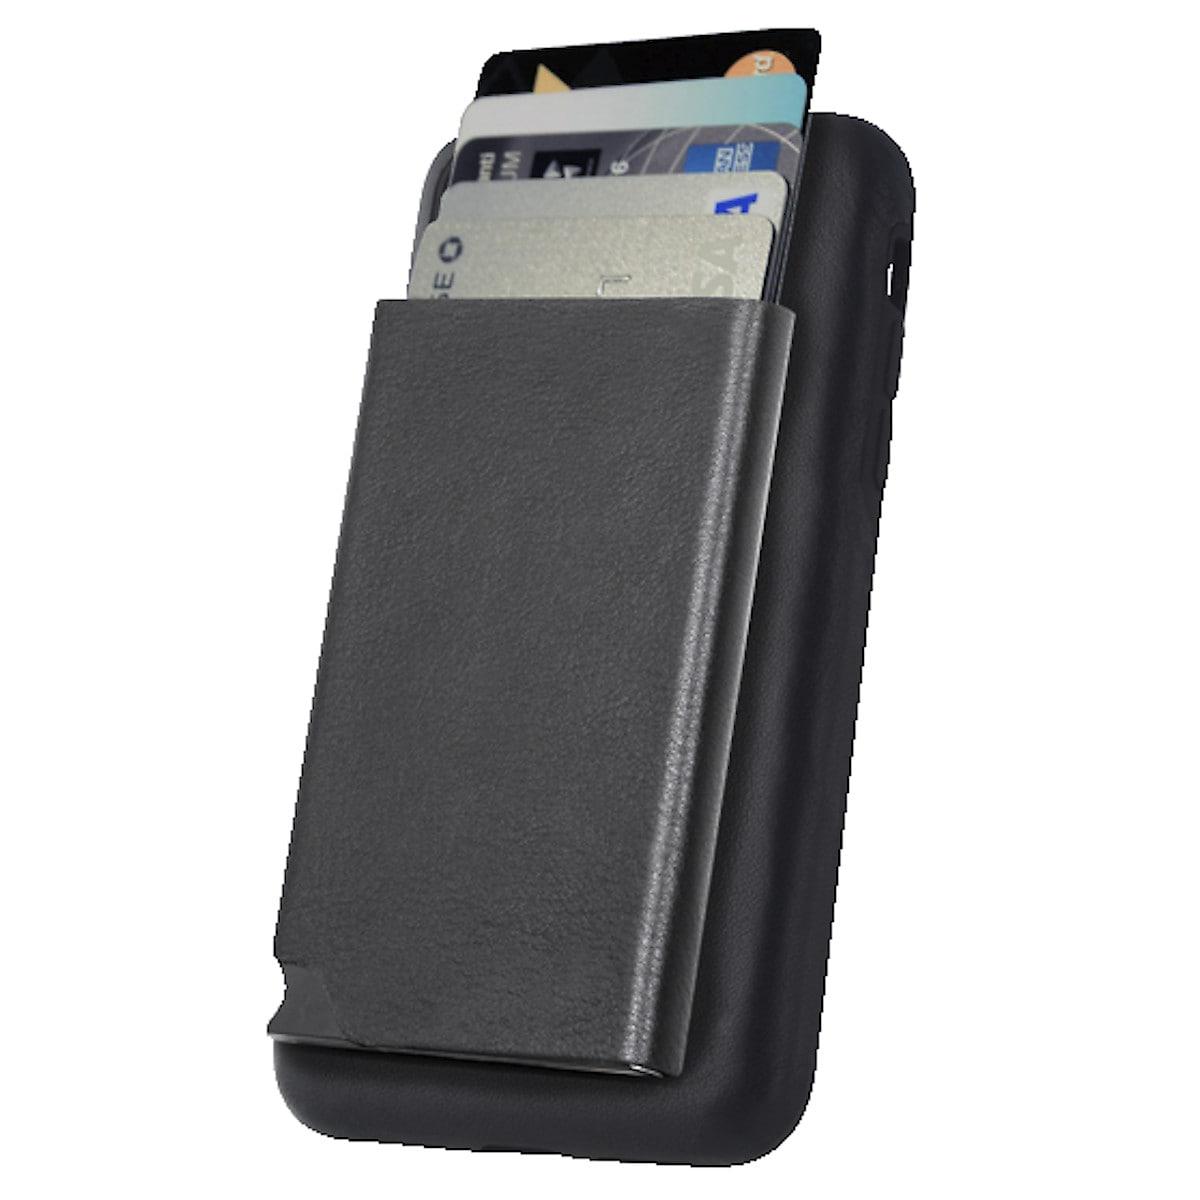 Mobilskal med korthållare för iPhone X/XS, Ercko